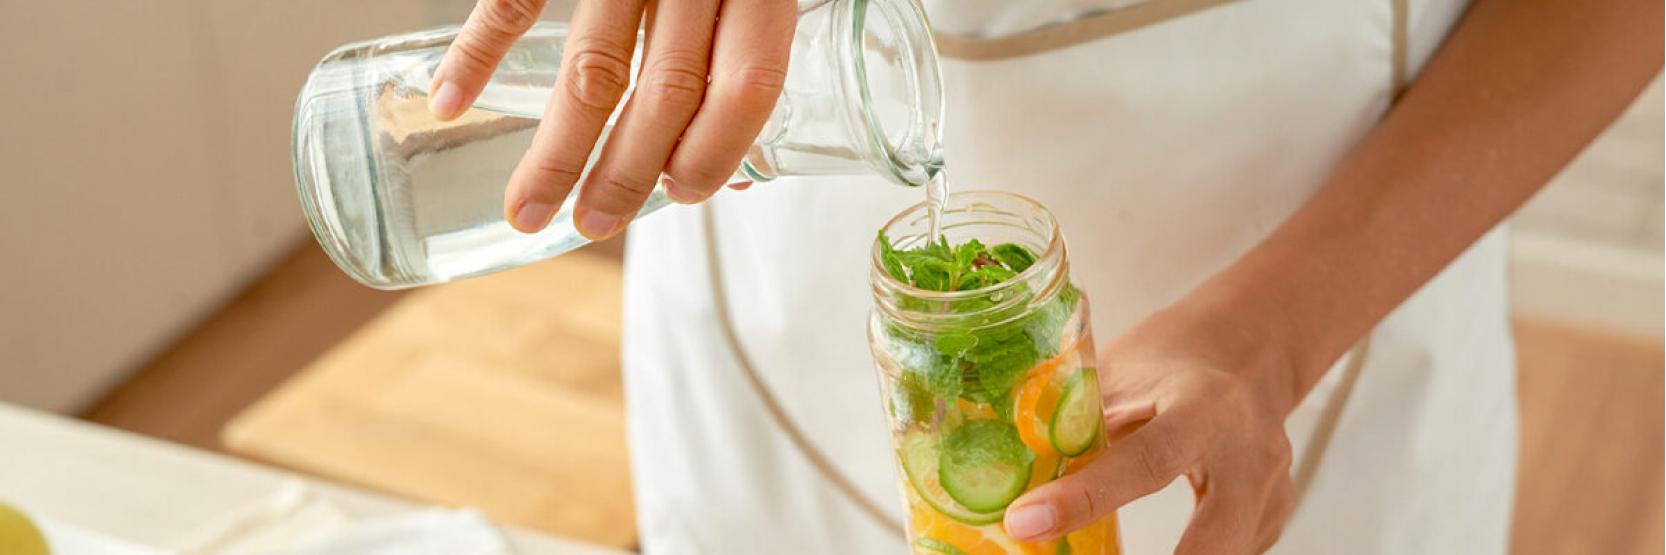 مشروبات سهلة للتخلص من سموم الجسم